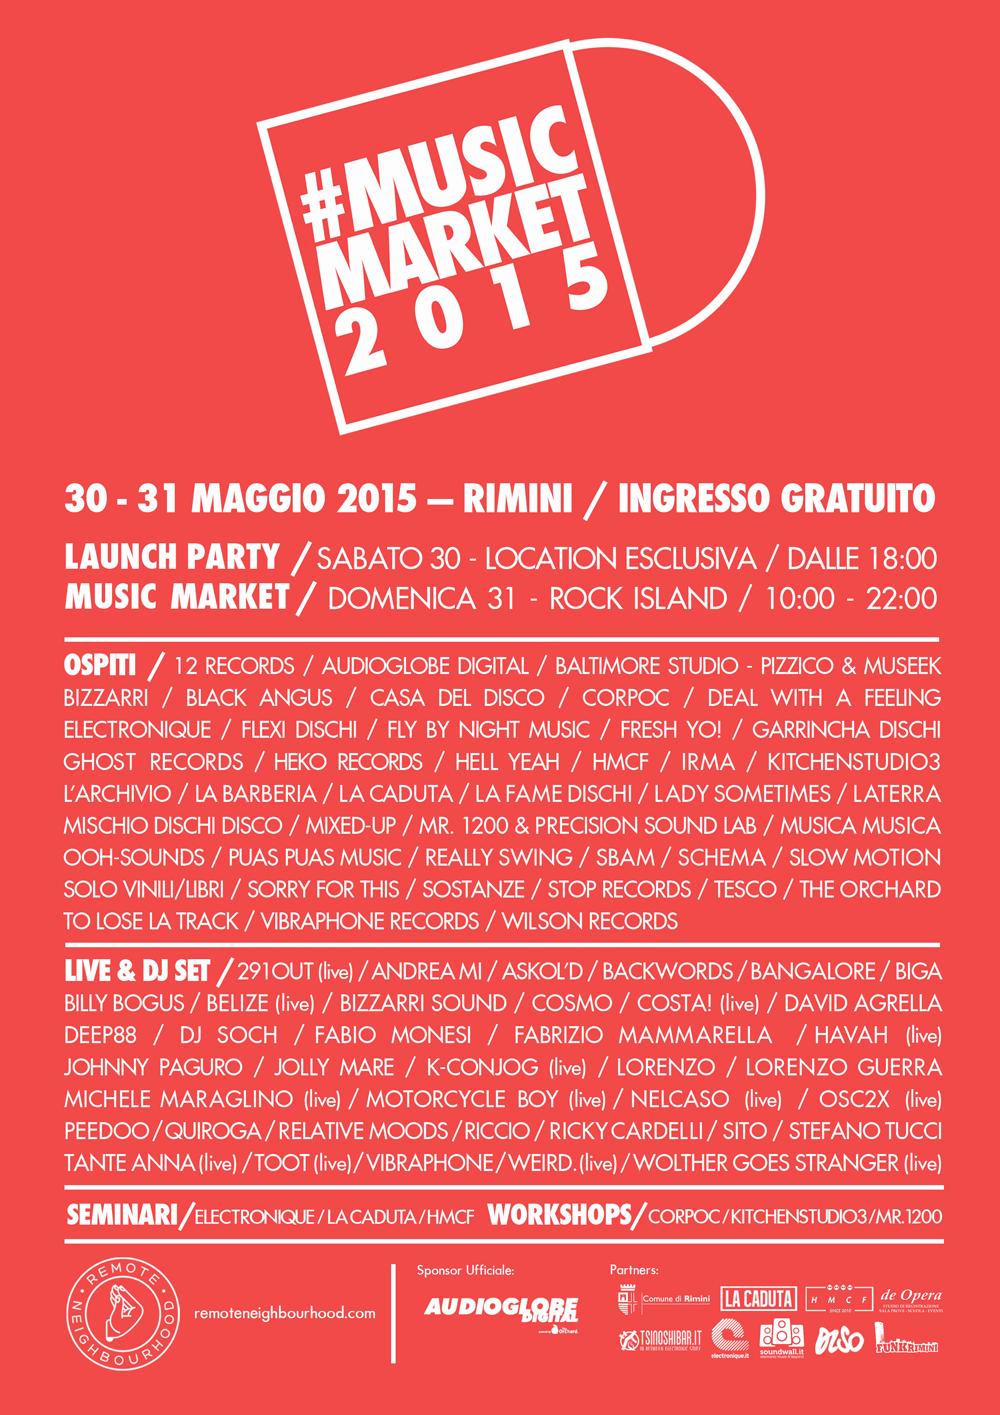 #MusicMarket2015